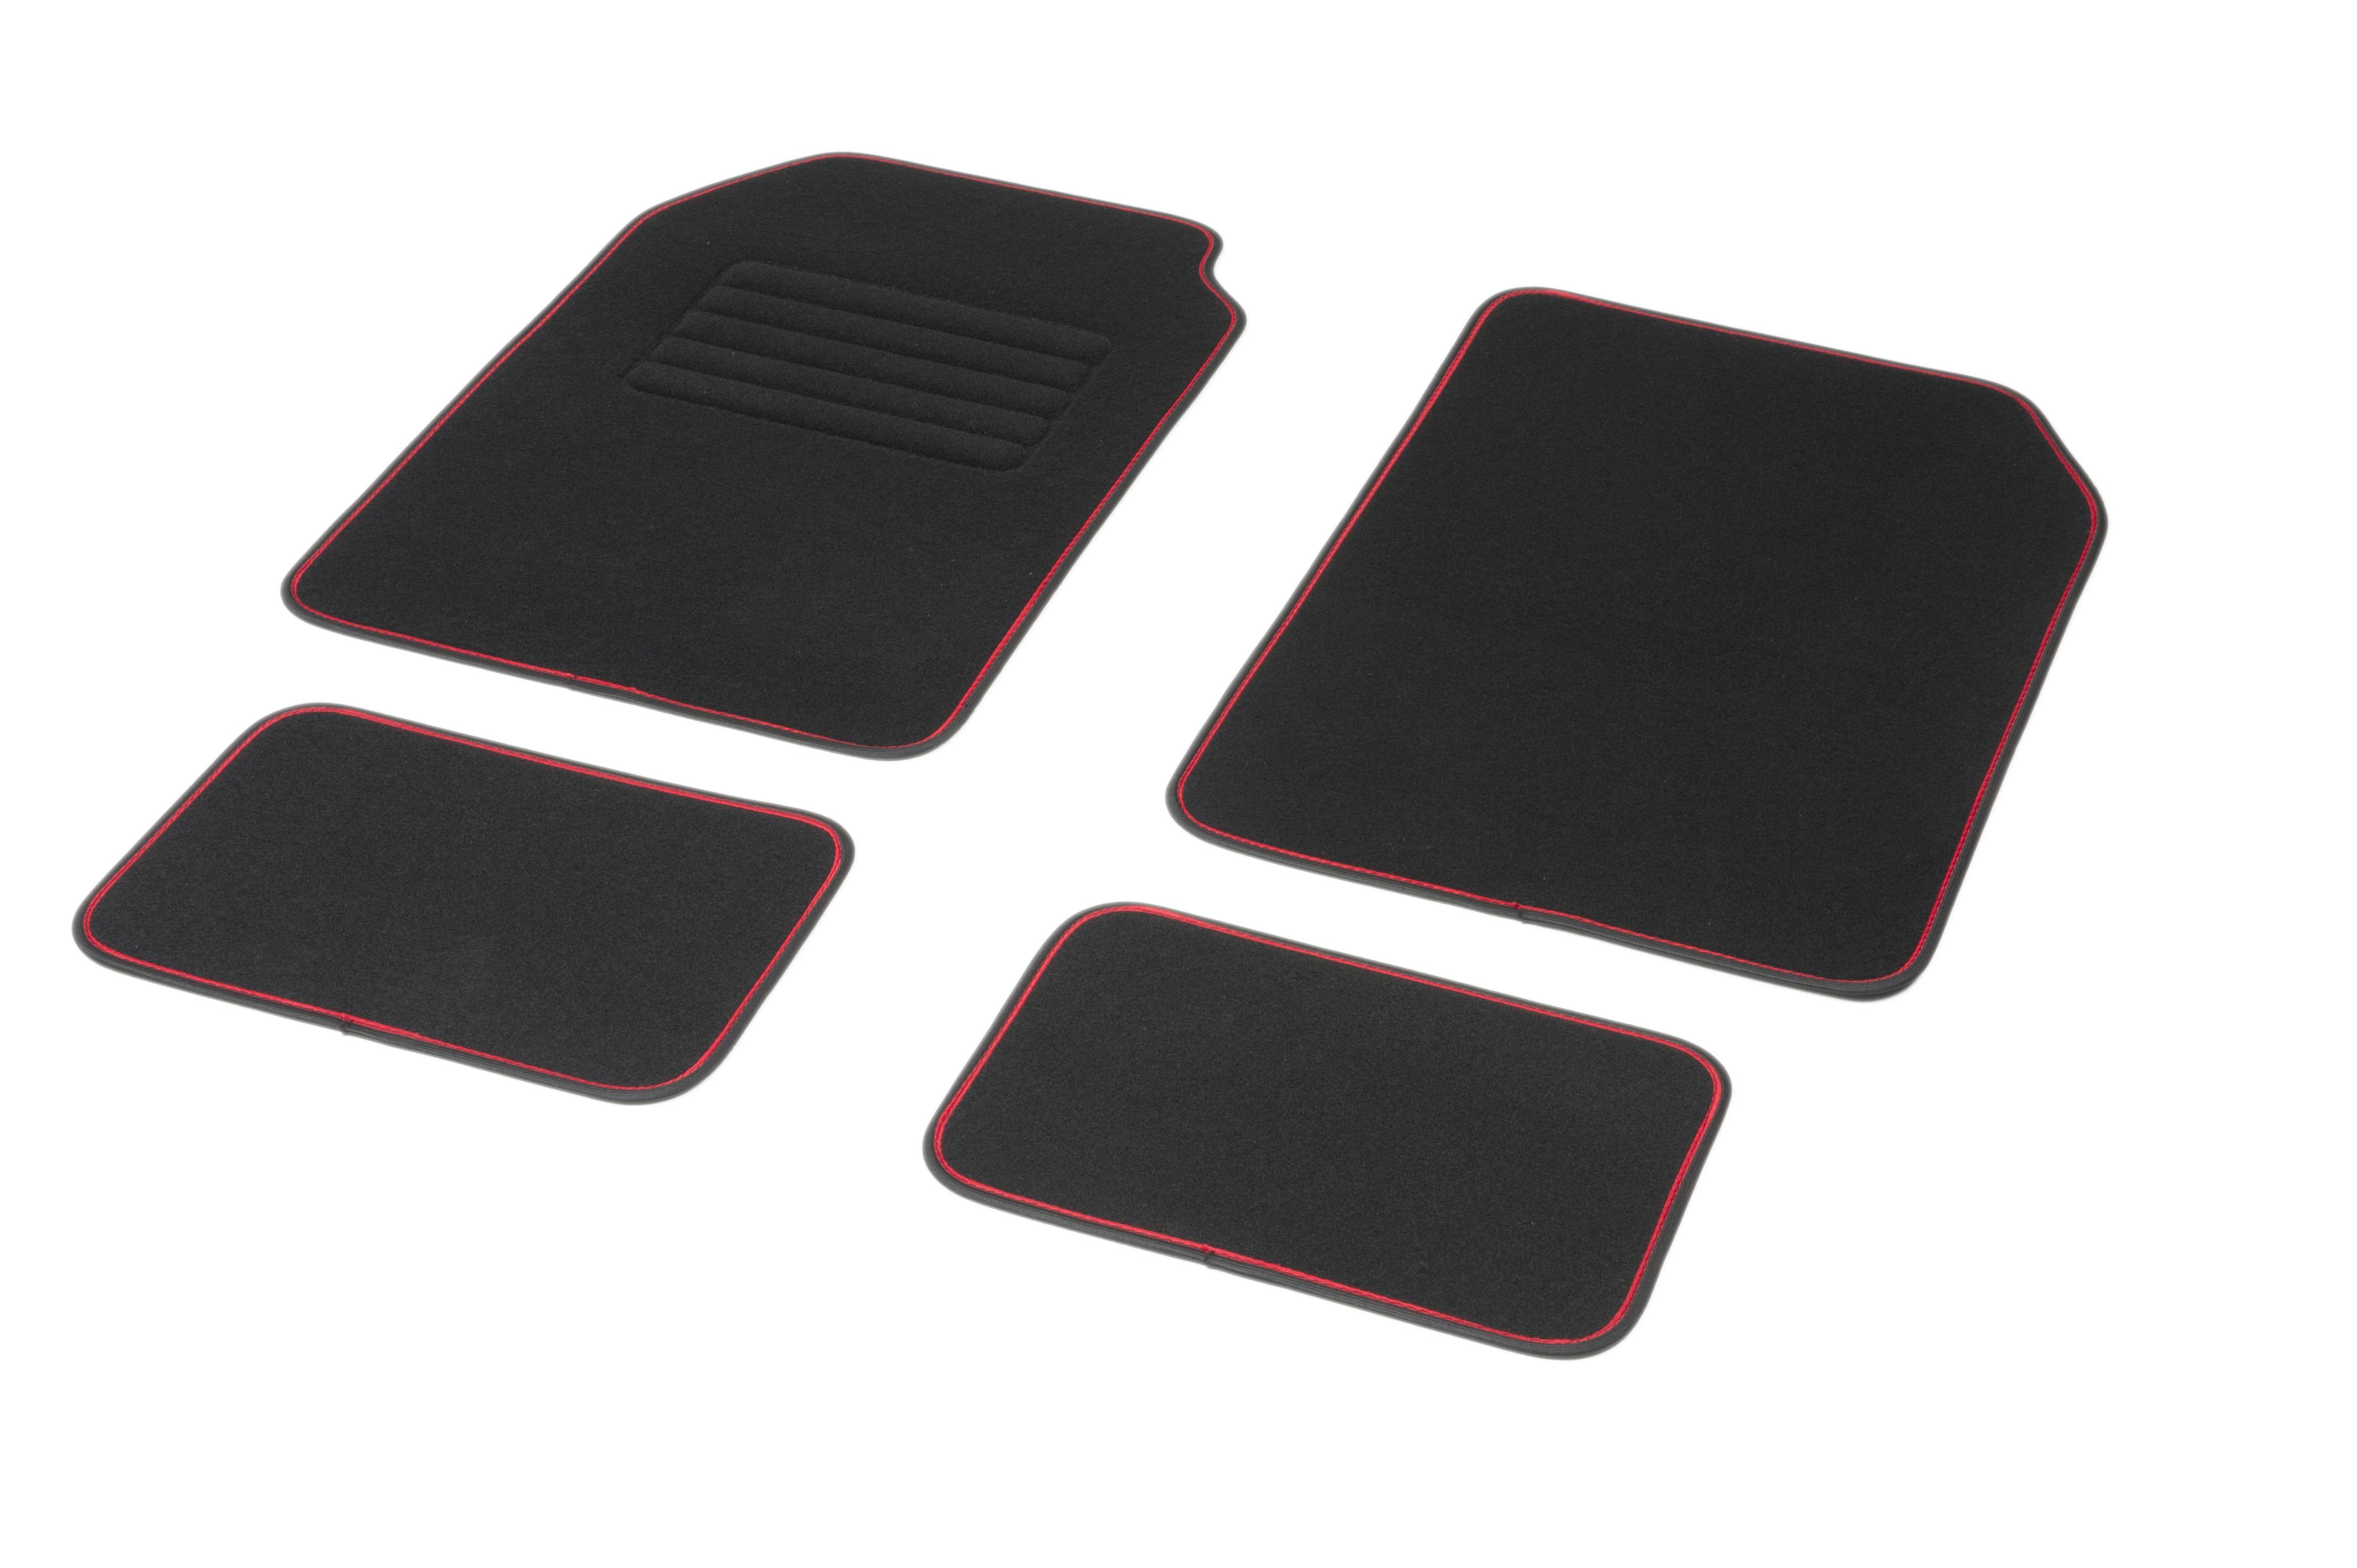 01765761 DBS Universelle passform, STANDARD Textil, vorne und hinten, Menge: 4, schwarz, rot Größe: 72х45 Fußmattensatz 01765761 kaufen